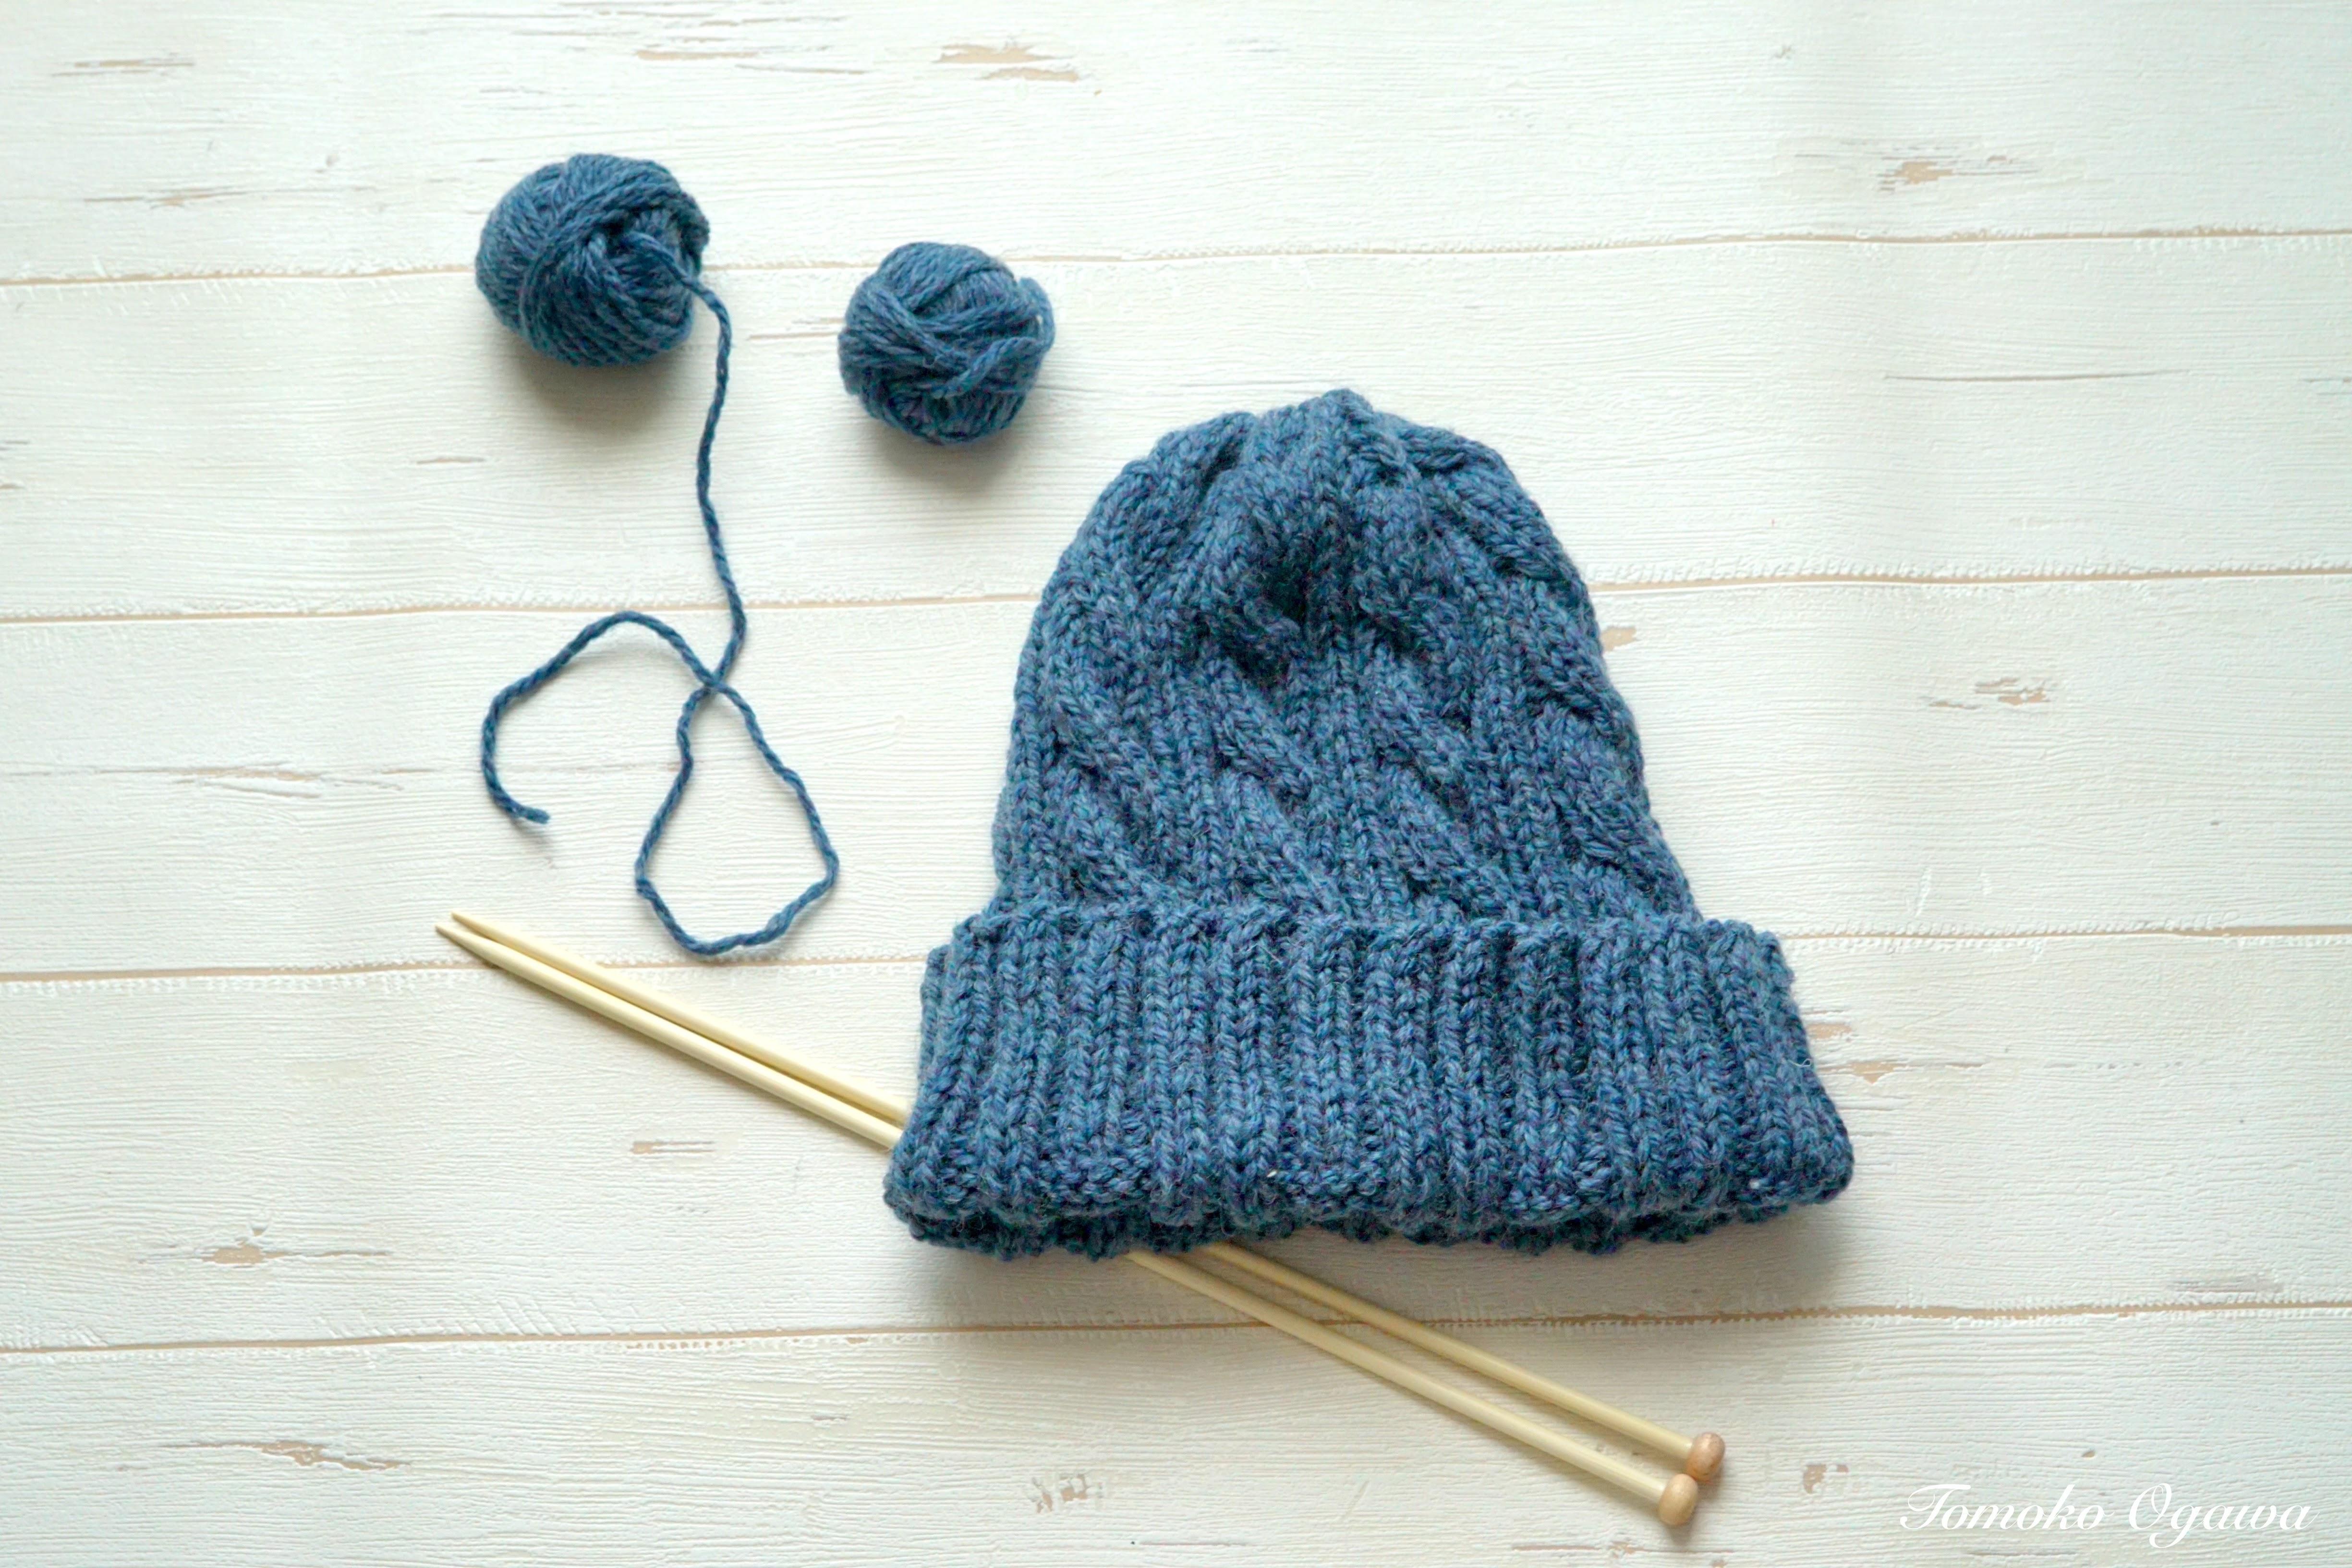 ニット 棒針 編み 大人 帽子 方 の の 編み物で手編み帽子を作ろう!初心者でも簡単ニット帽の編み方5選